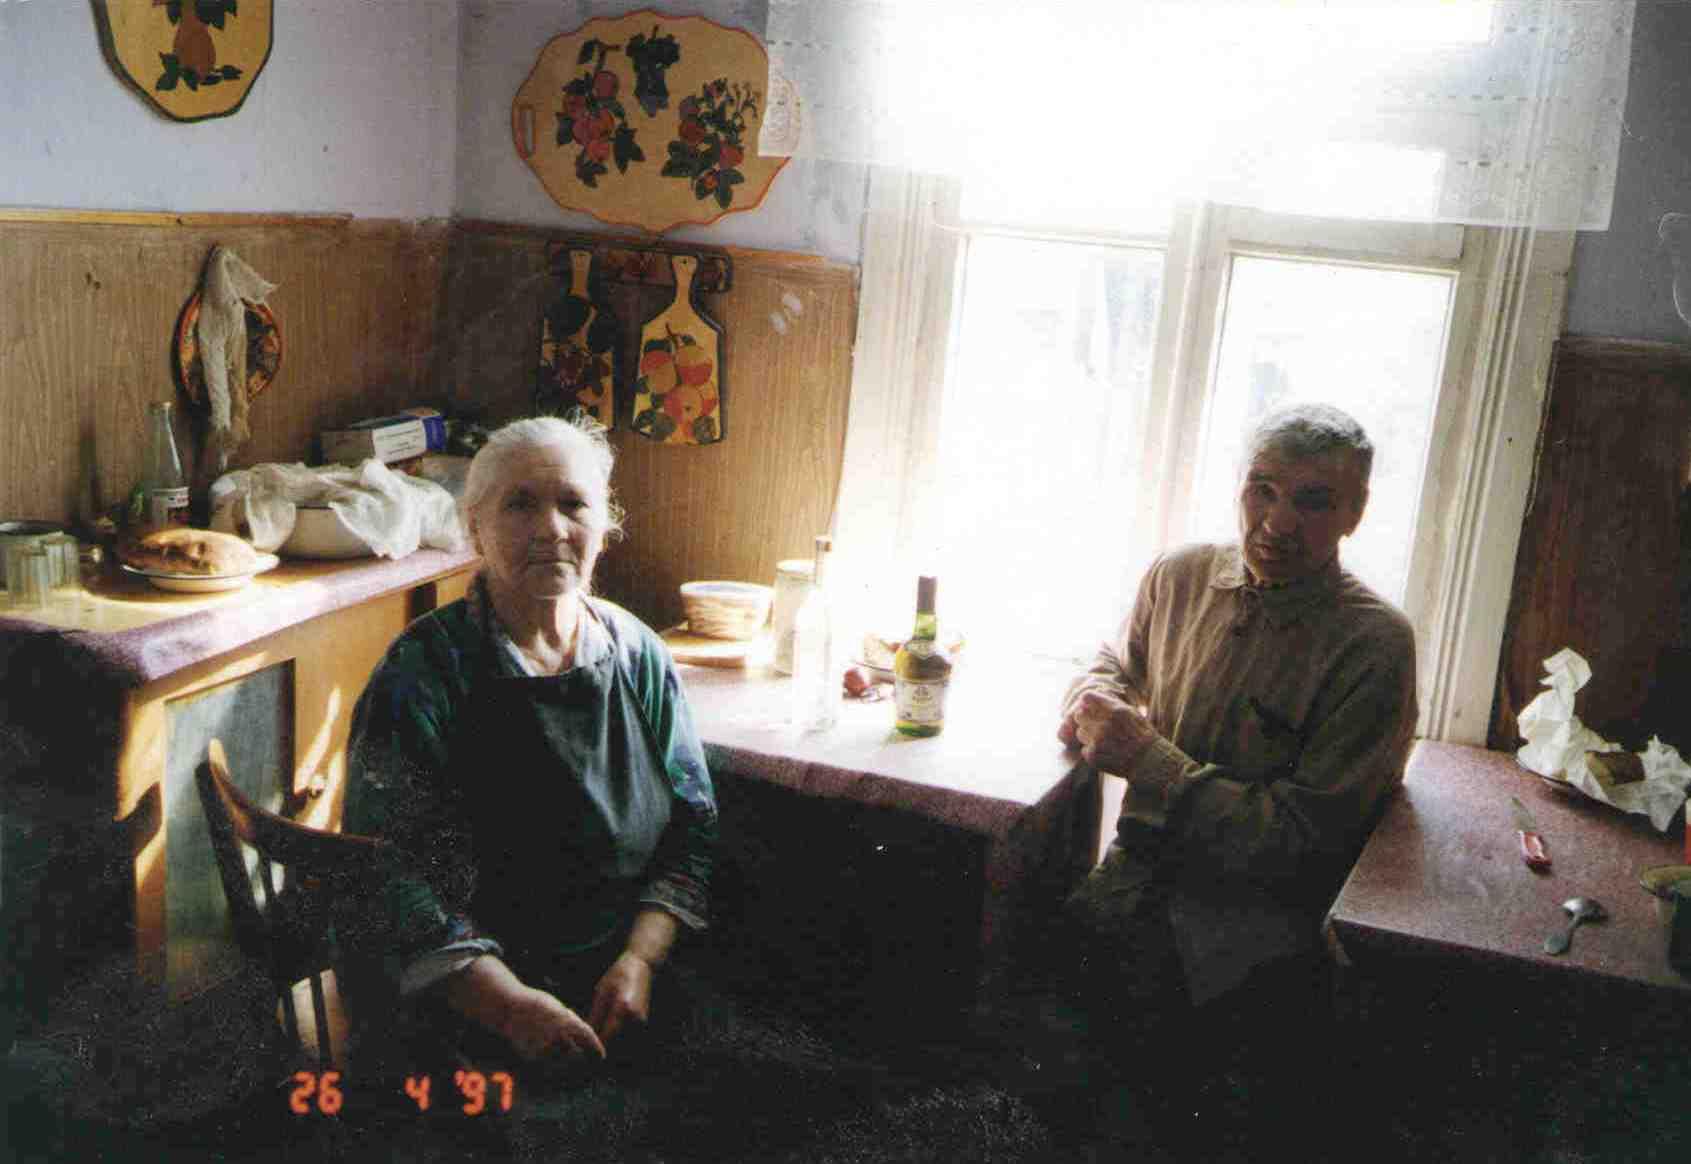 162. Всю урдомскую жизнь супруги Барыкины прожили в леспромхозовской квартире по улице Молодежной д.11.